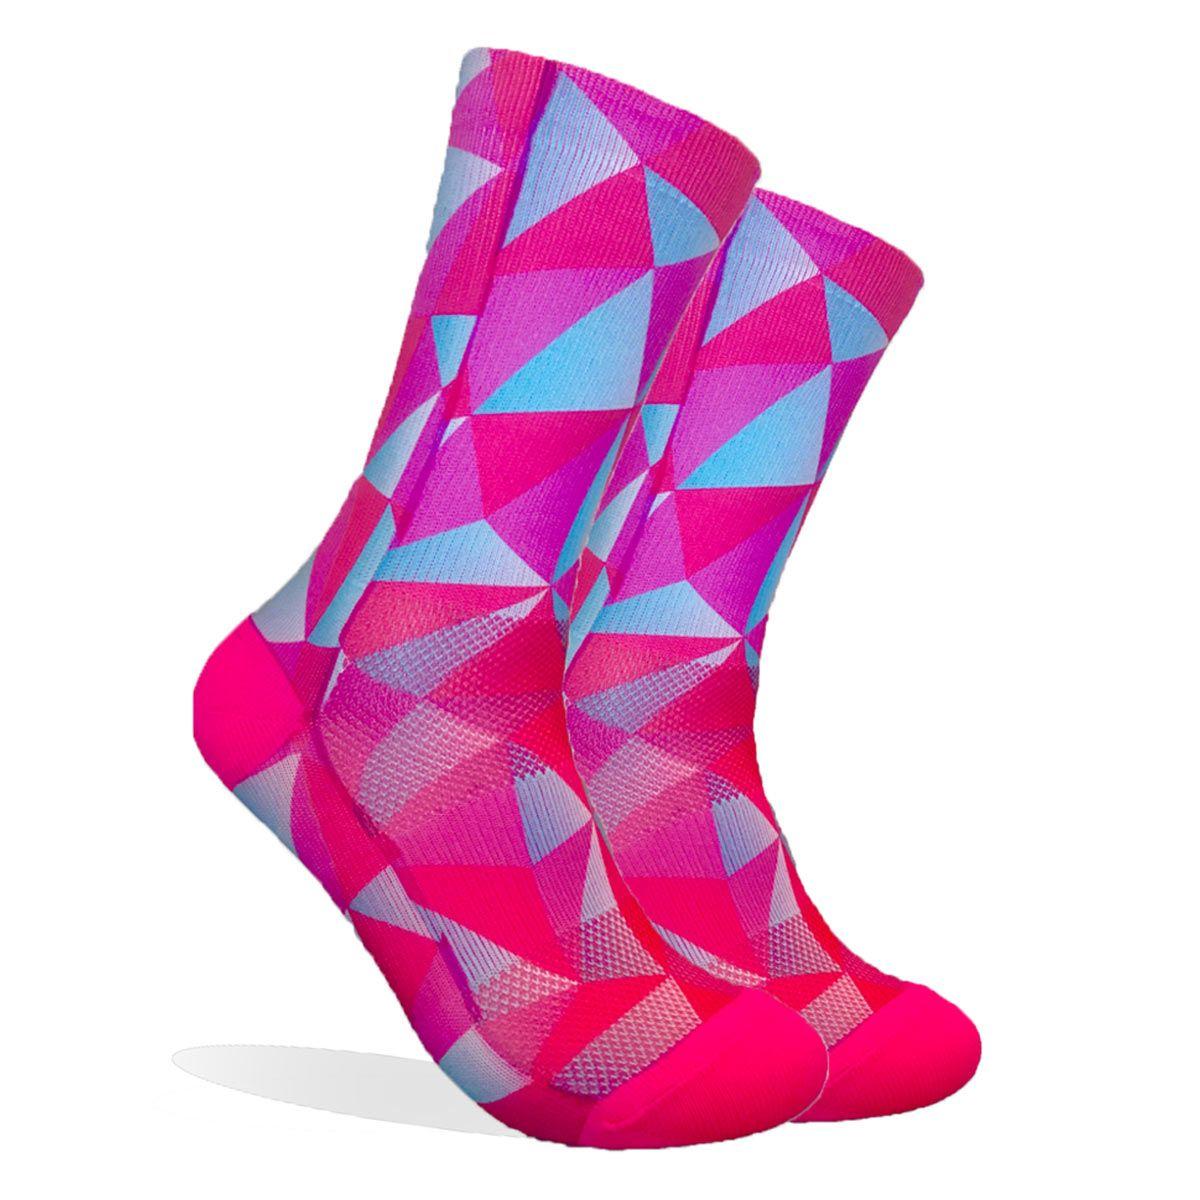 Chaussettes Endur Destiny Pink 6 Pouces